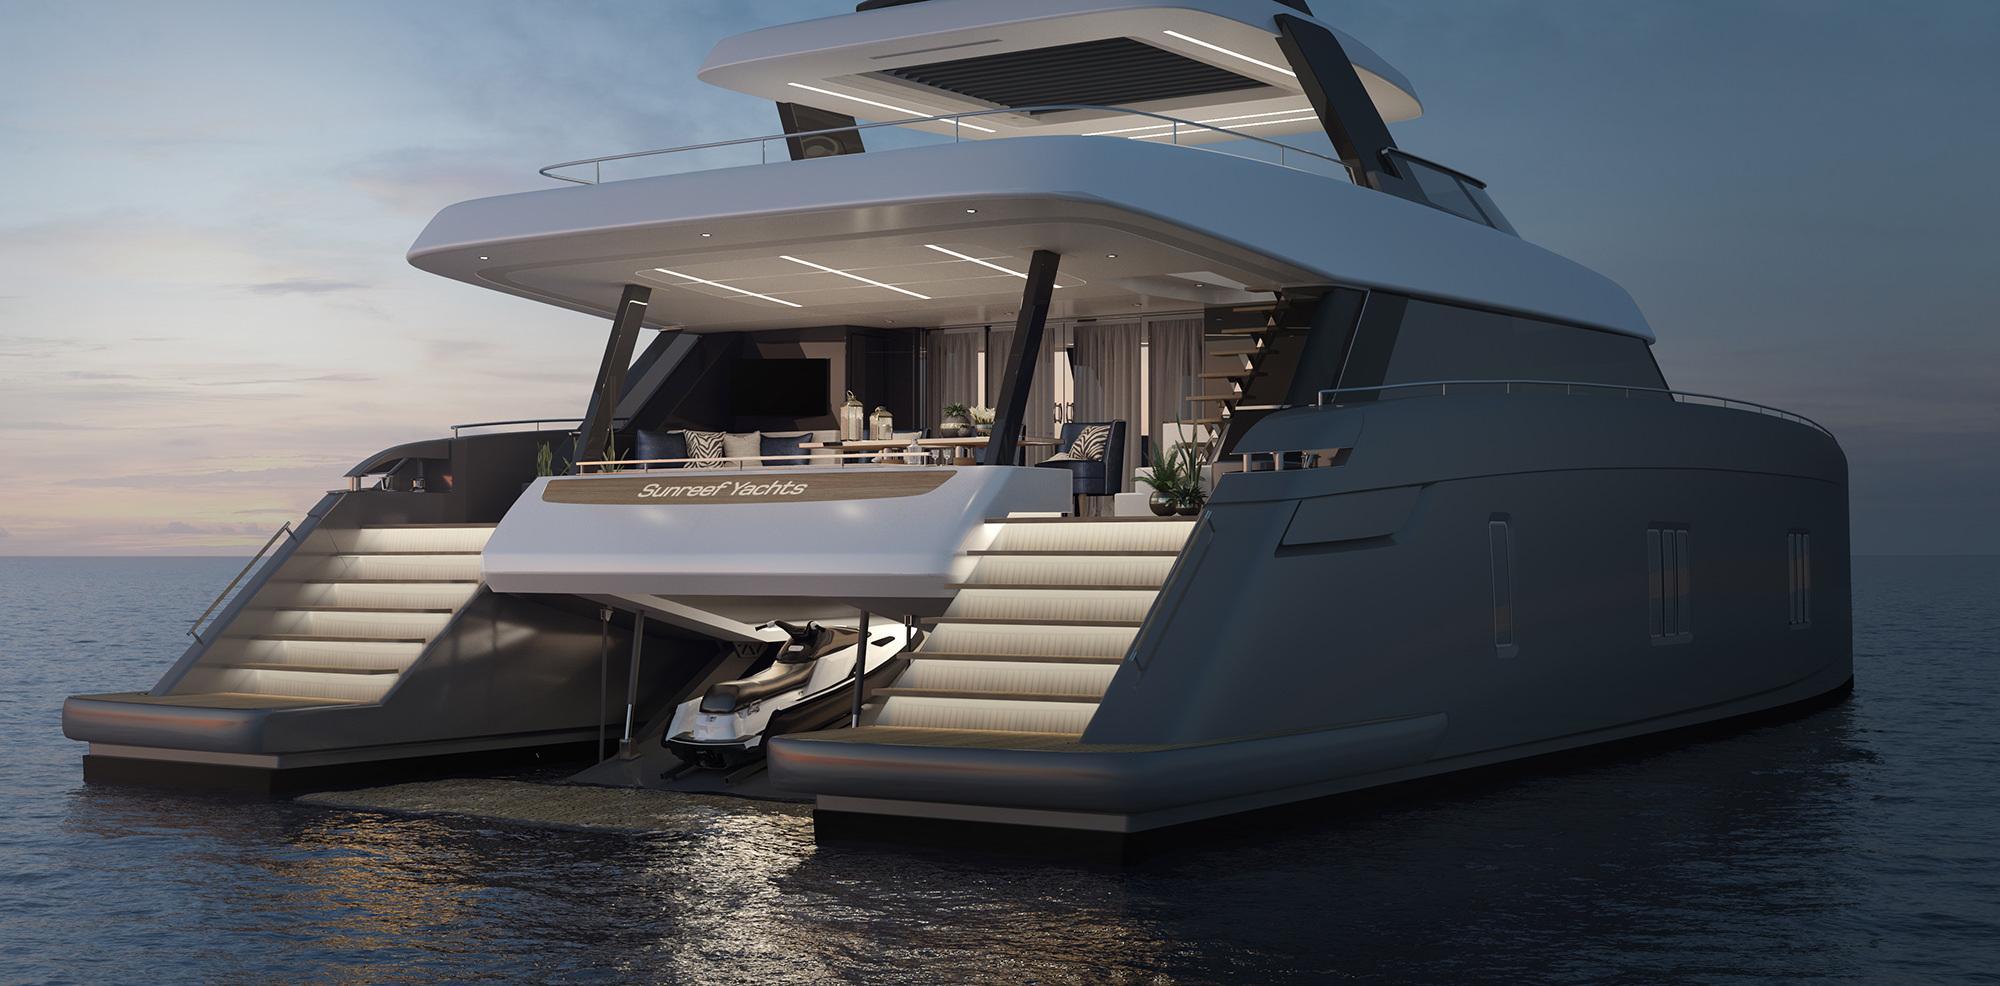 palma. yates. La mansión flotante de Rafel Nadal. El tenista 'manacorí' ha encargado un catamarán